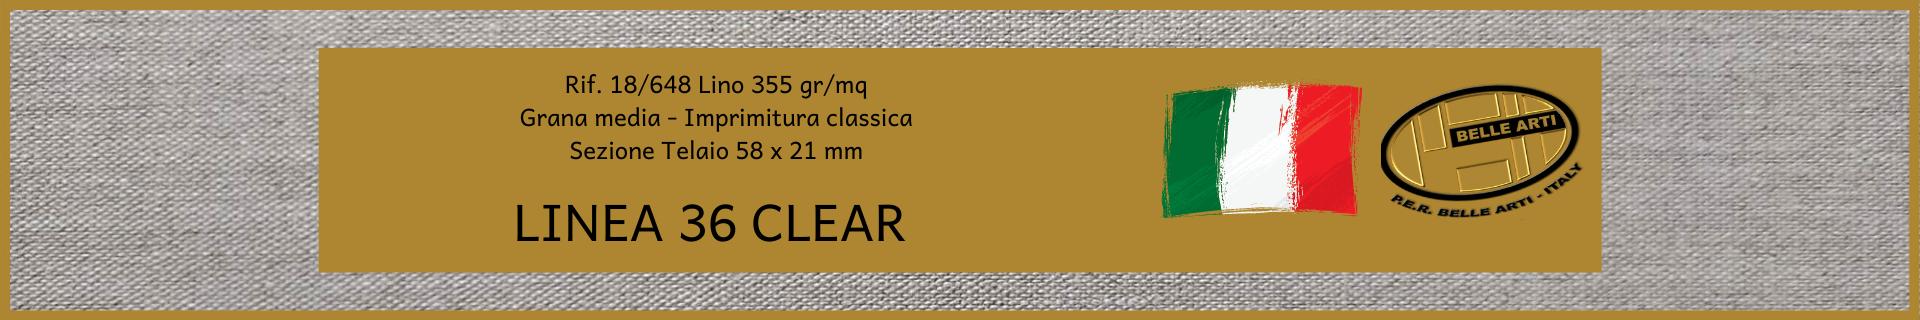 P.E.R. Bellearti Linea 36